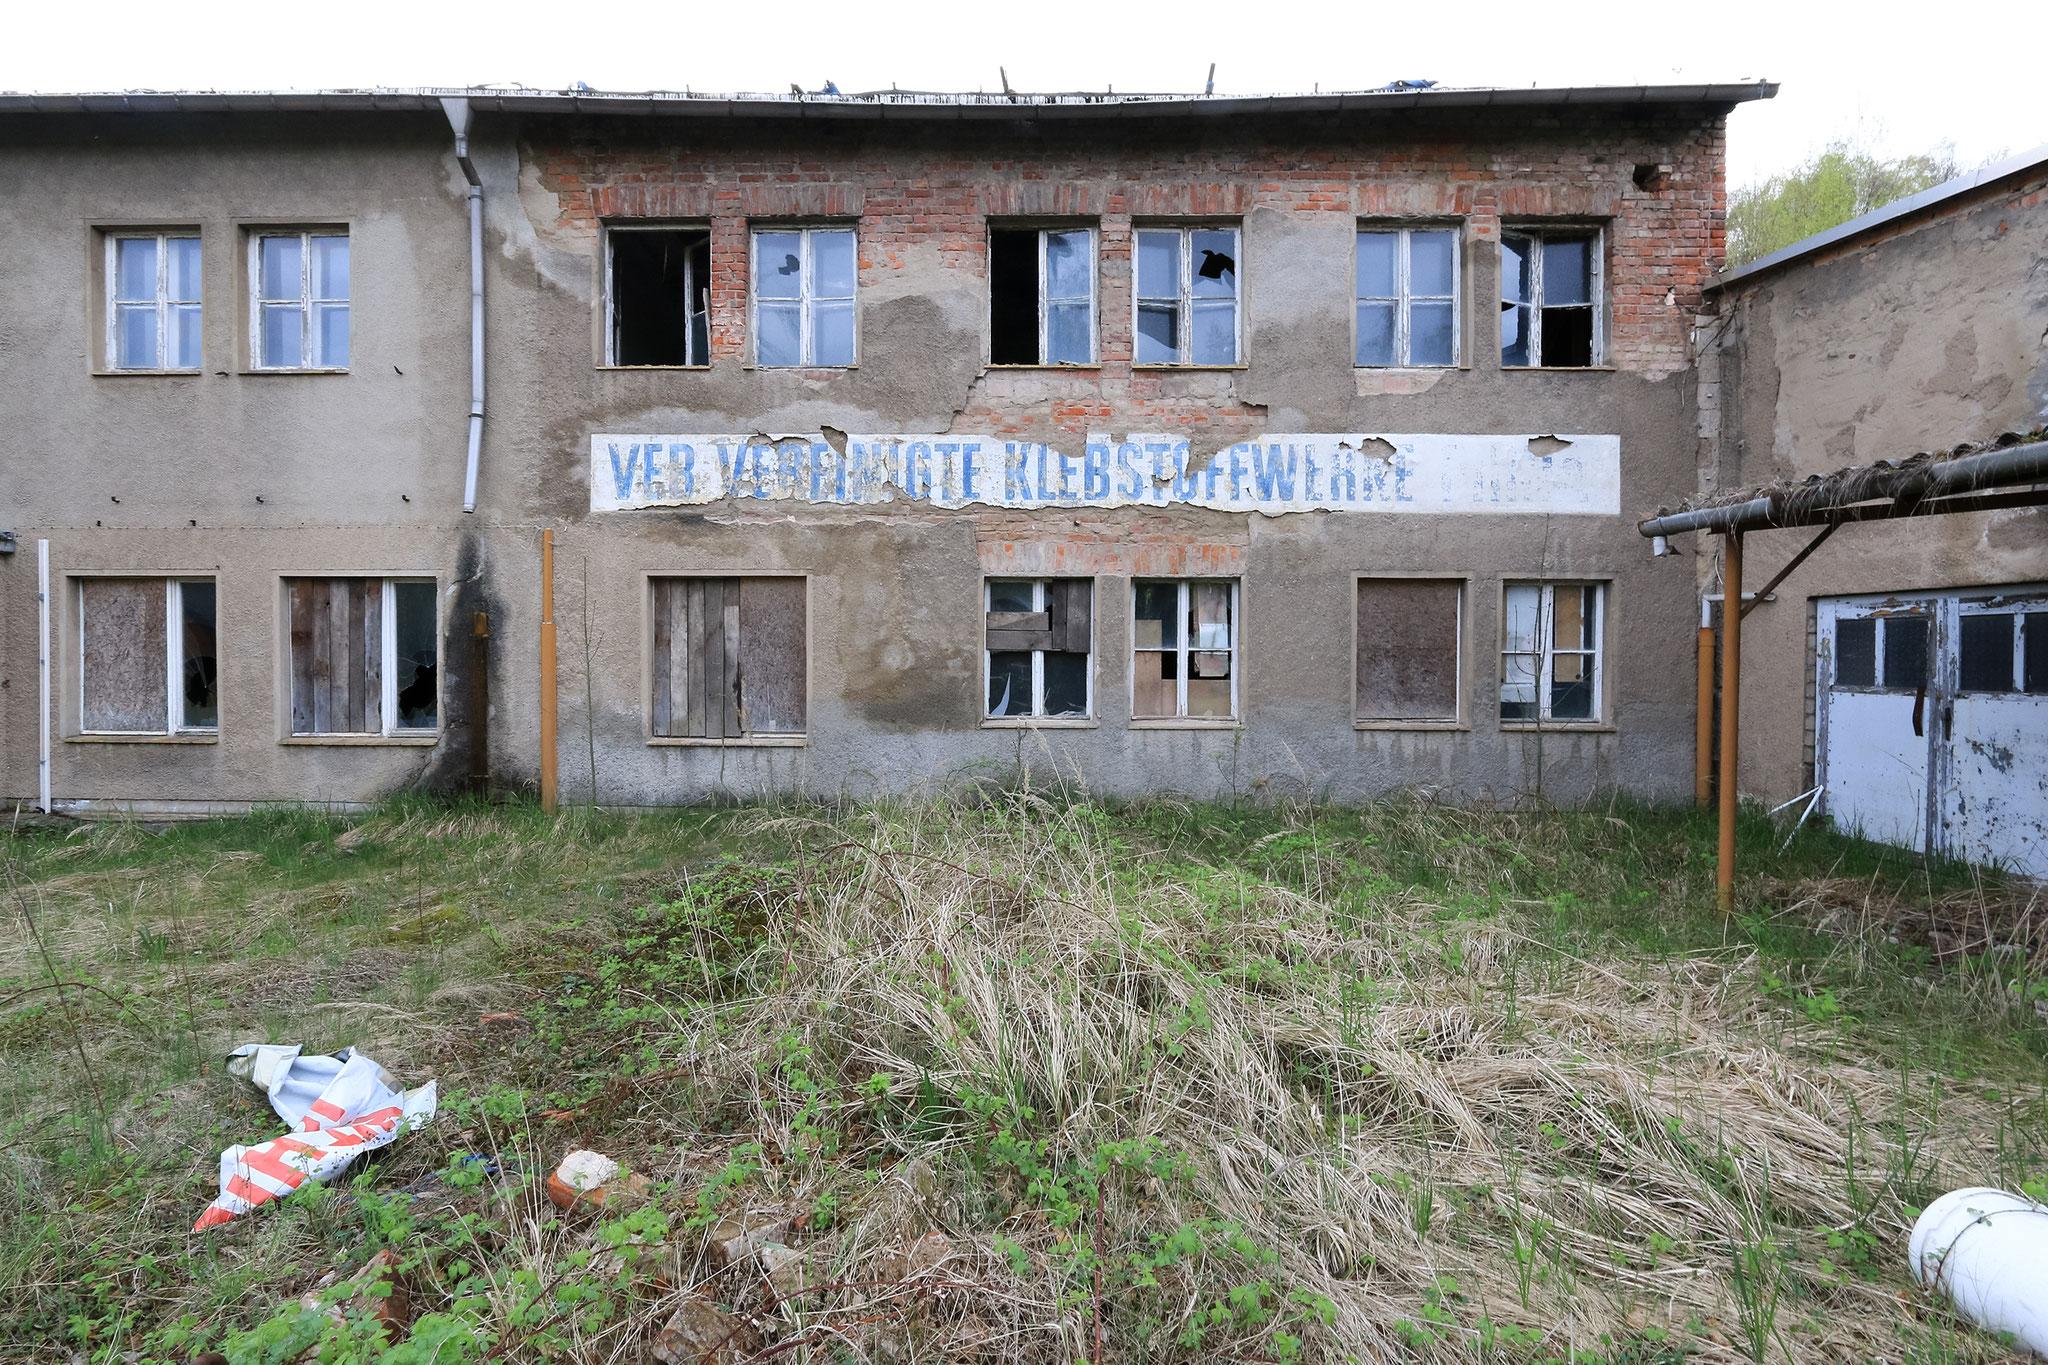 VEB Vereinigte Klebstoffwerke Pirna